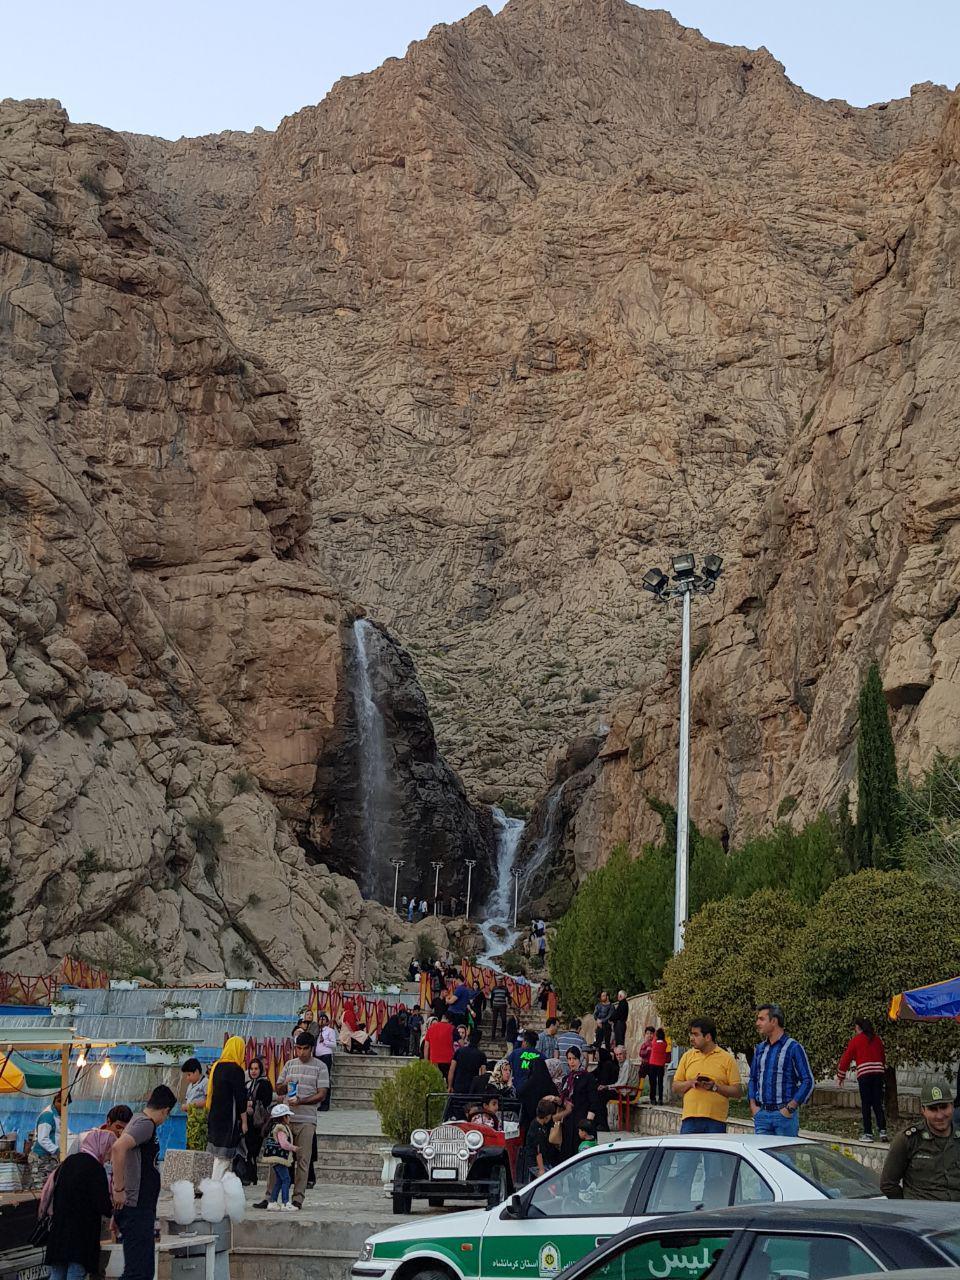 سیزده بدر پارک کوهستان کرمانشاه